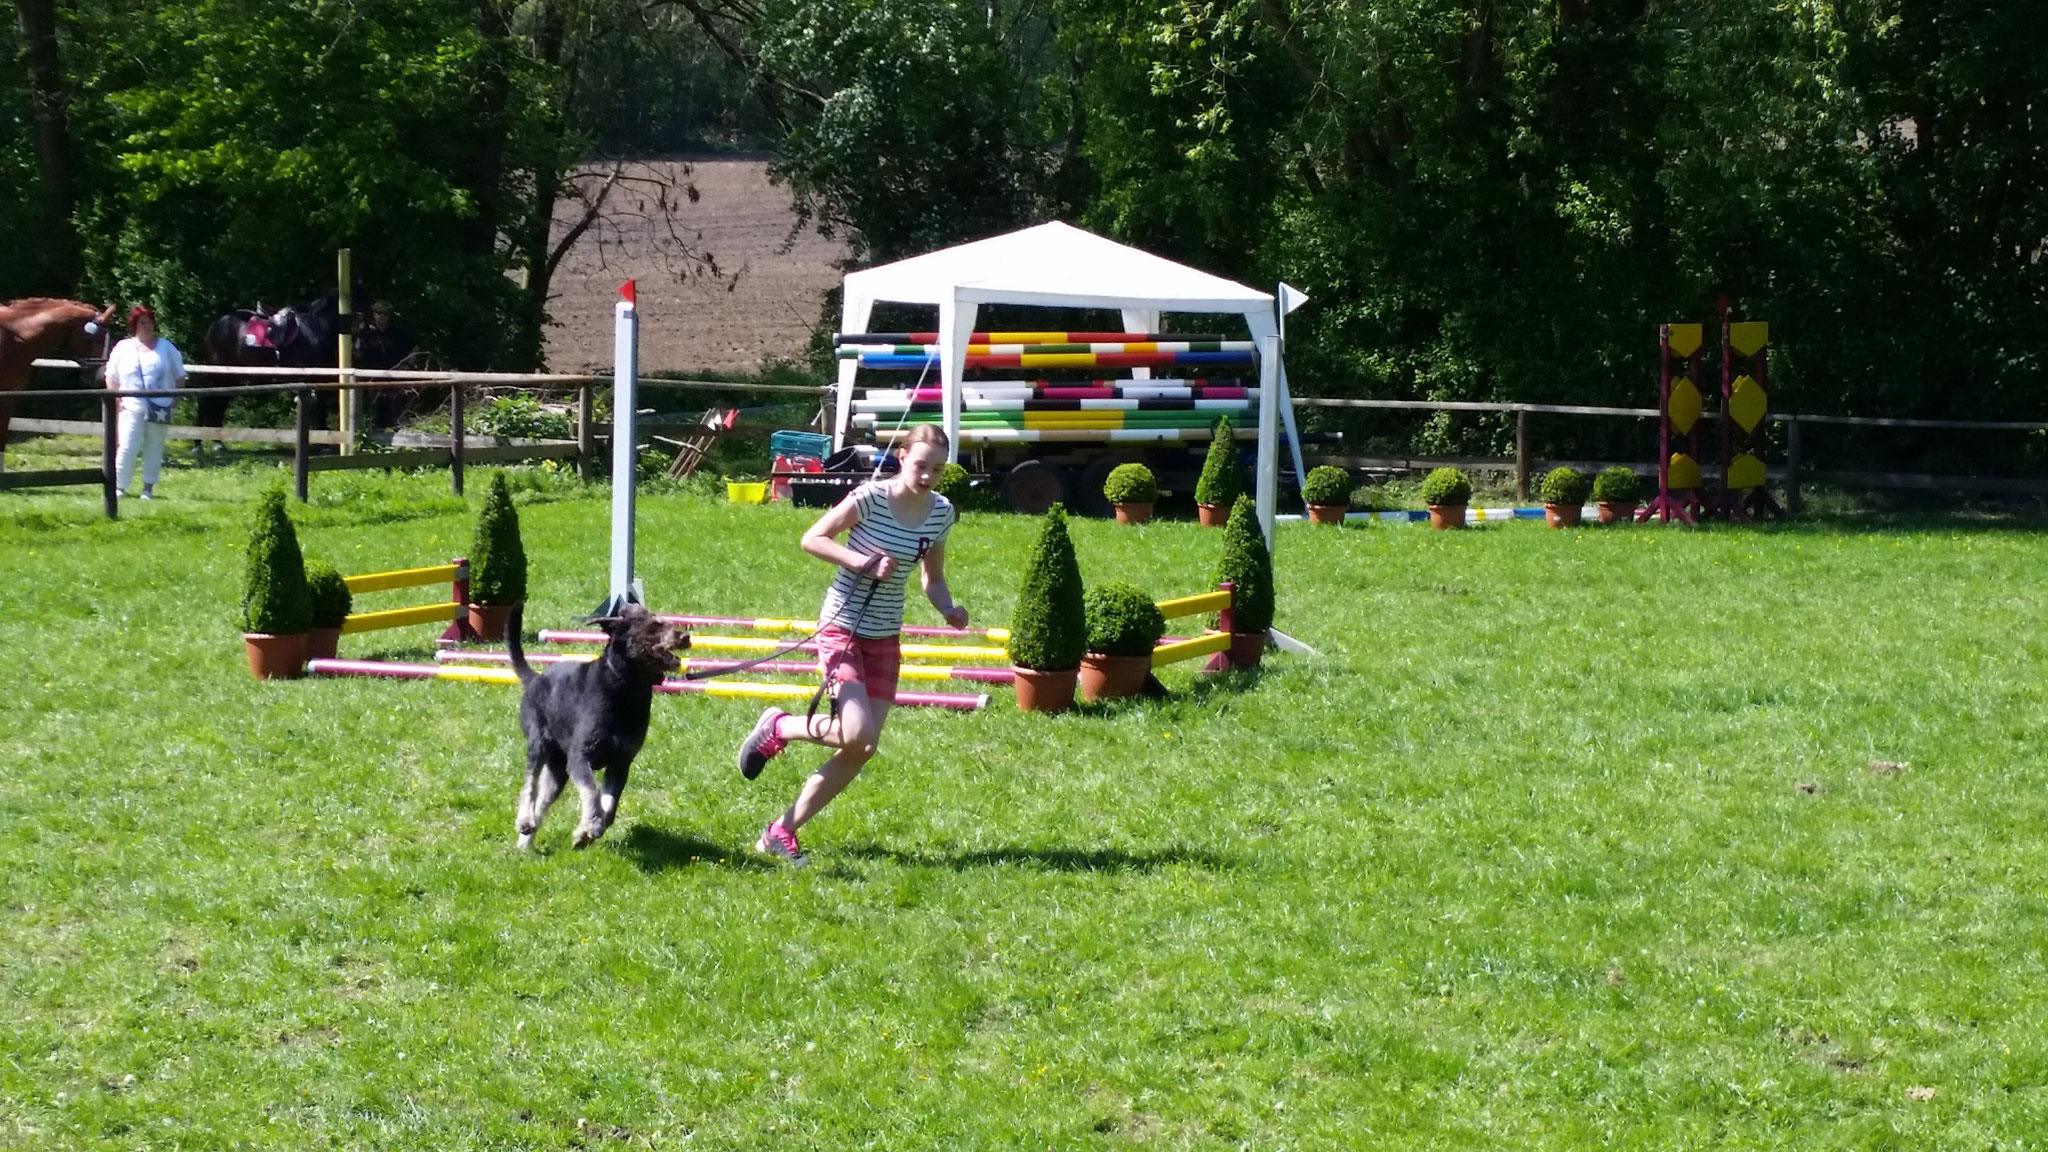 Hund und Pferd - ein Wettbewerb mit Spaß und Ehrgeiz